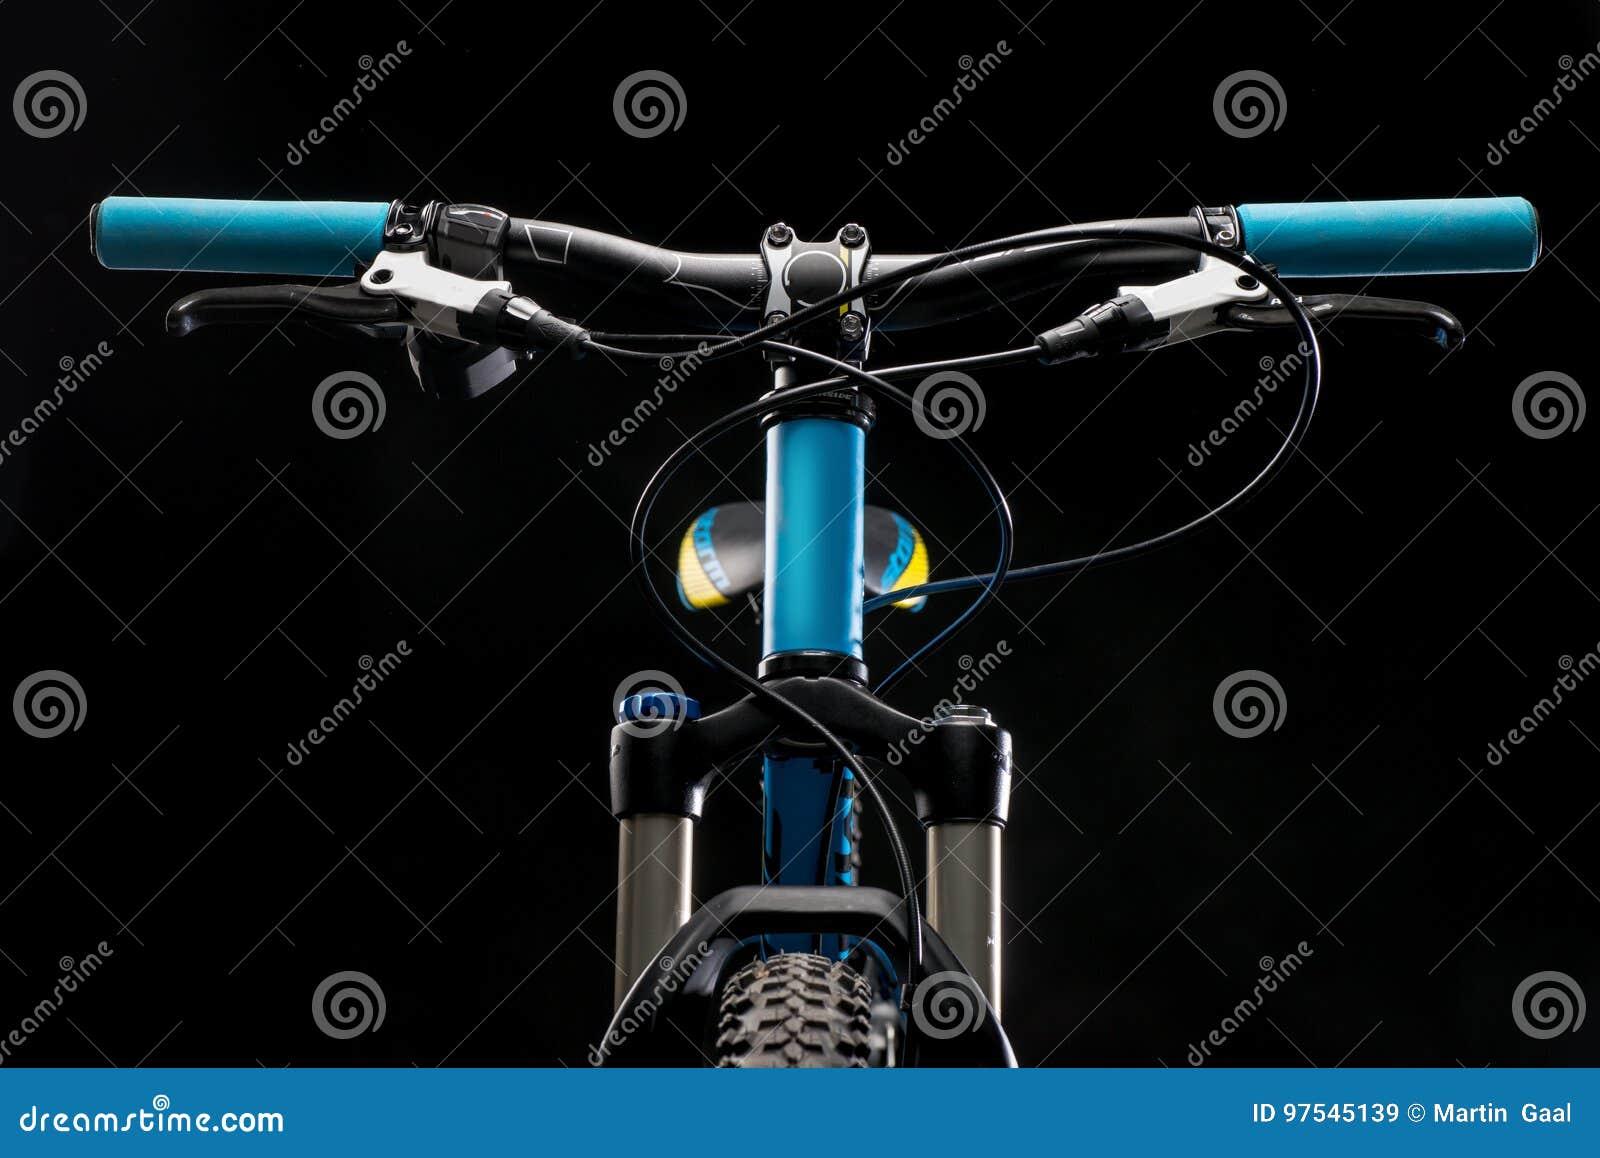 Gemütlich Fahrradrahmenteile Ideen - Benutzerdefinierte Bilderrahmen ...